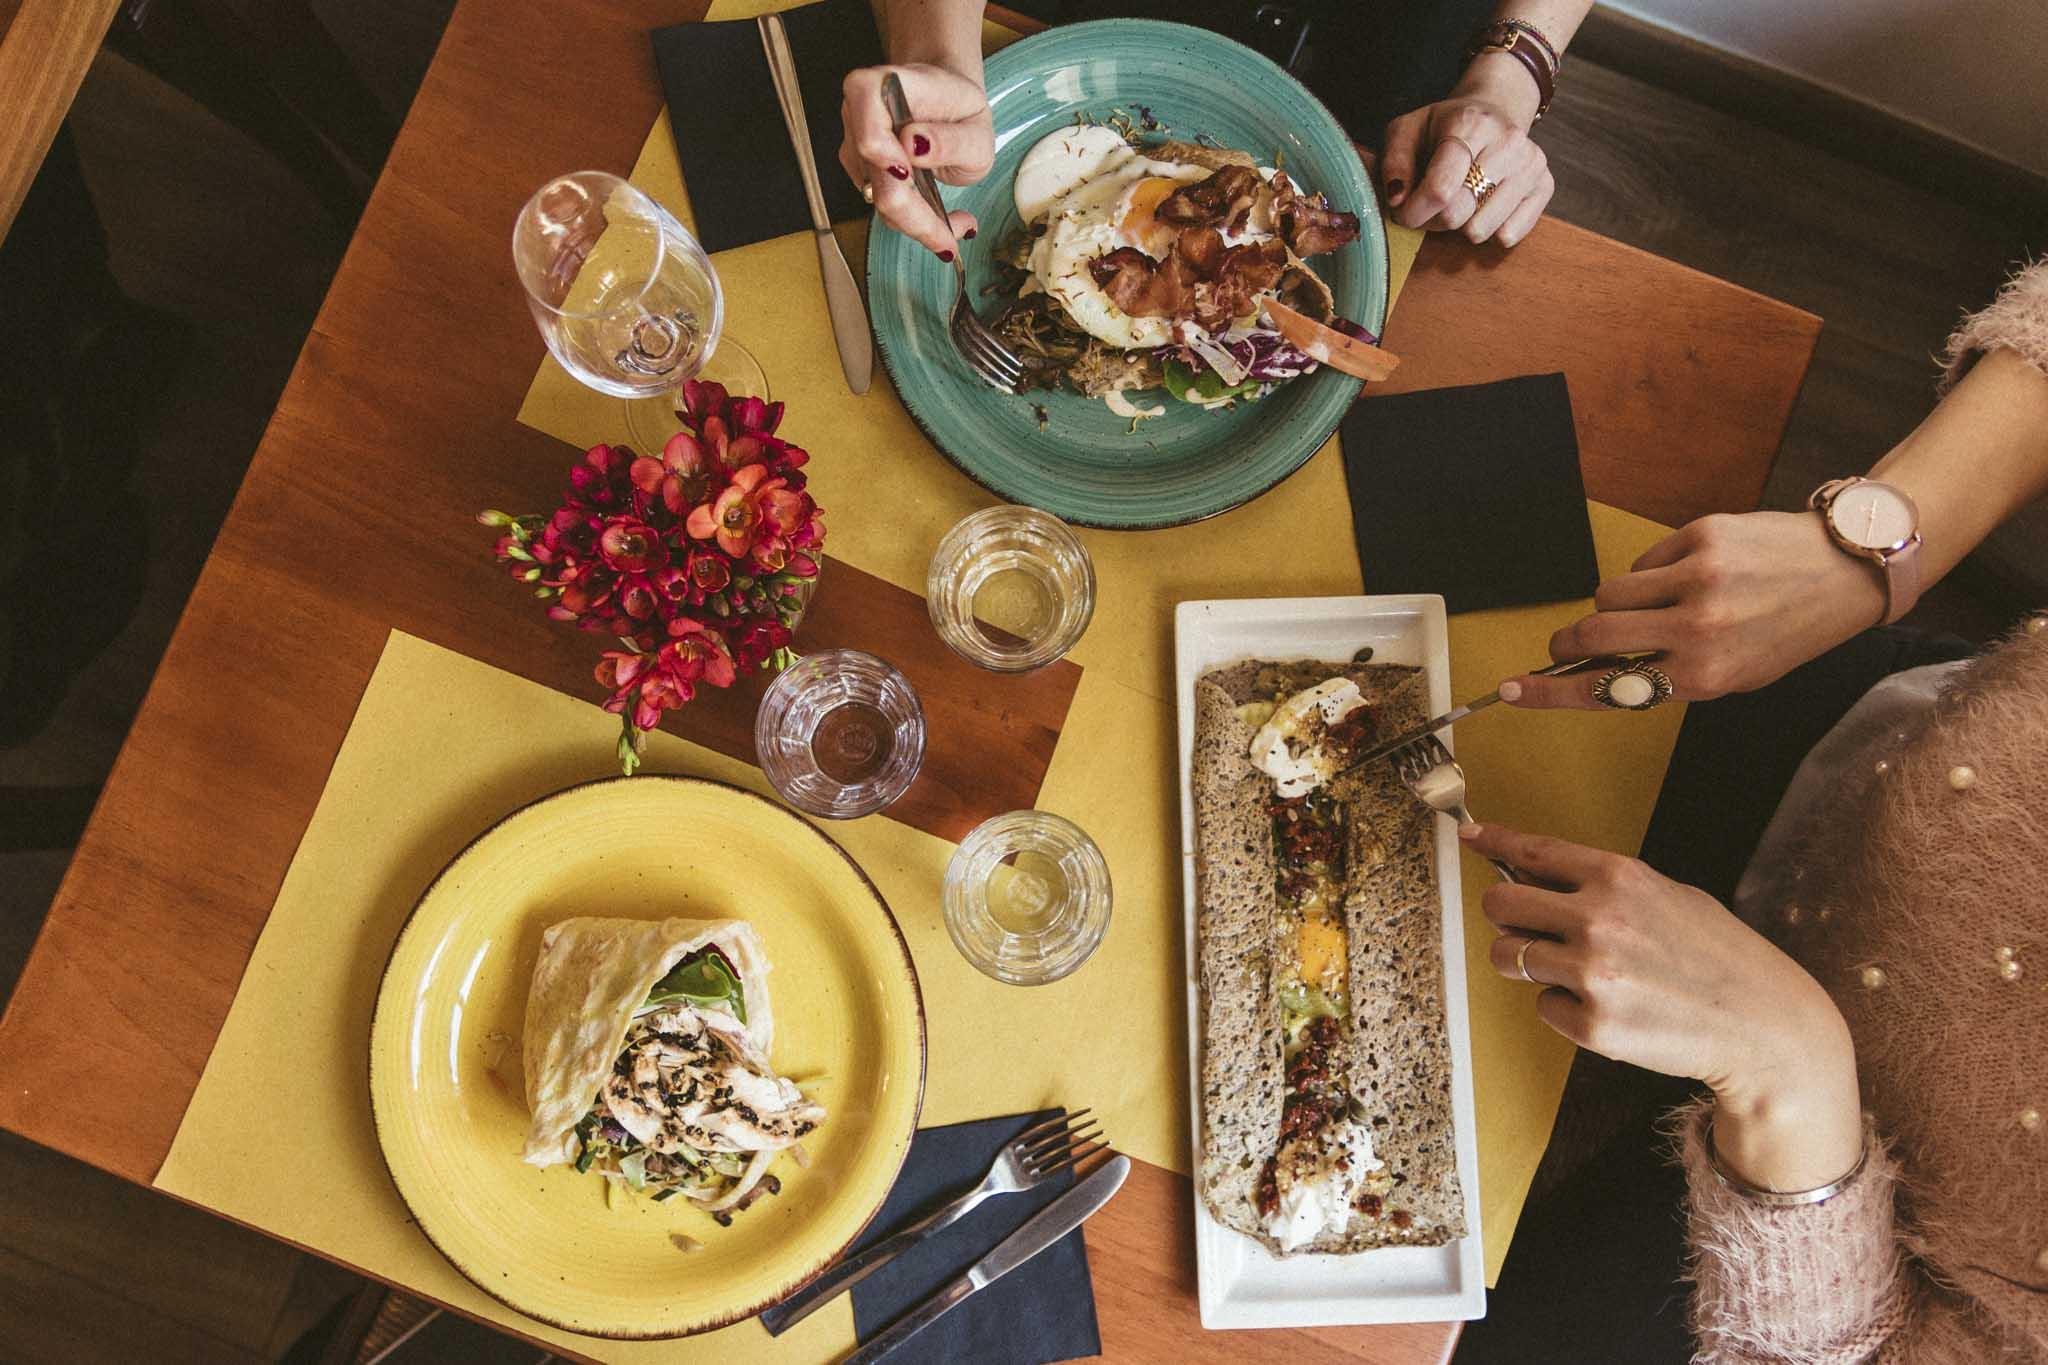 bariolé-torino-crepes-cromie-pranzo-torino